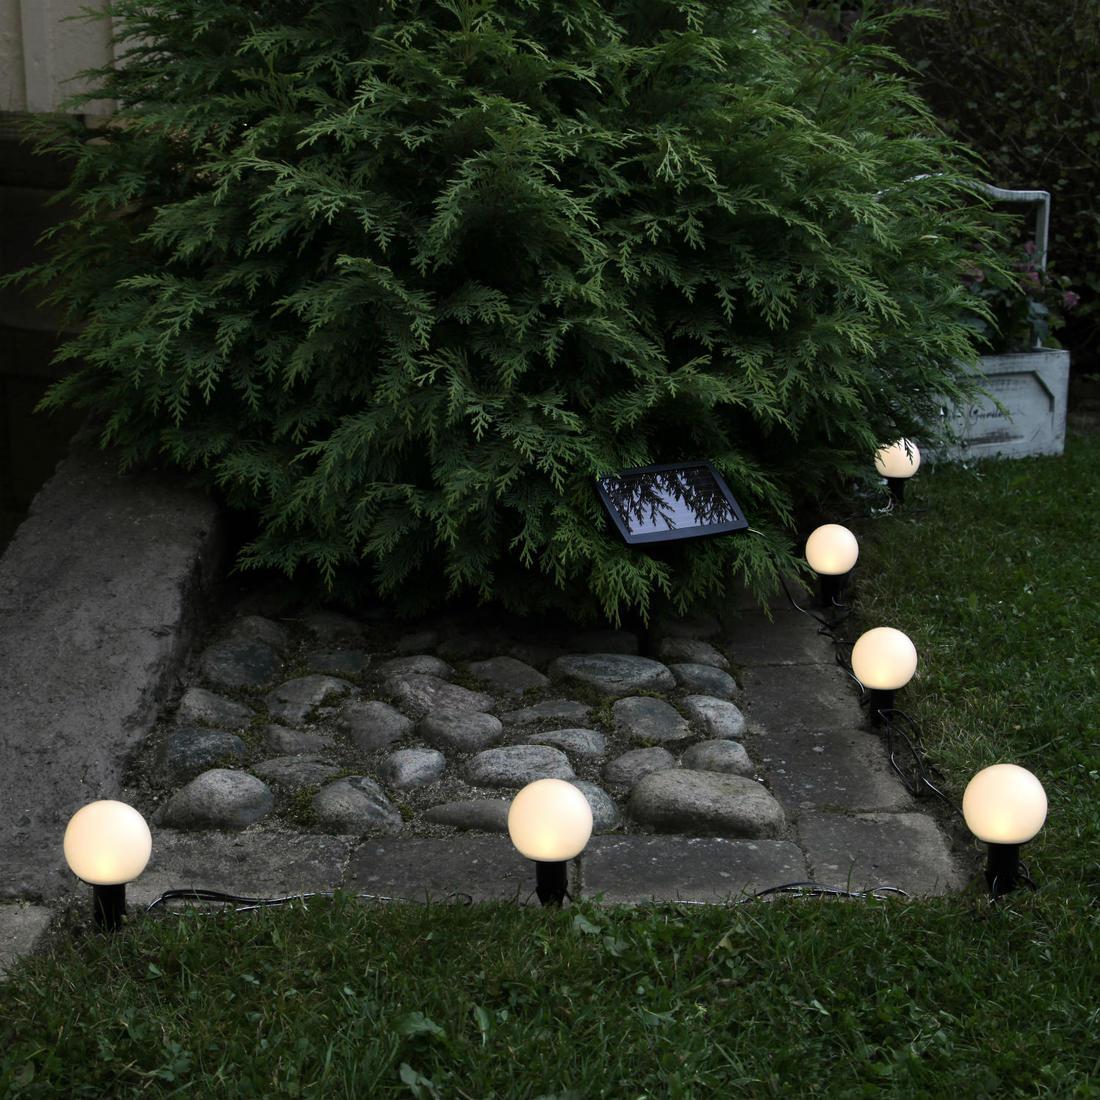 Солнечные светильники по периметру сада